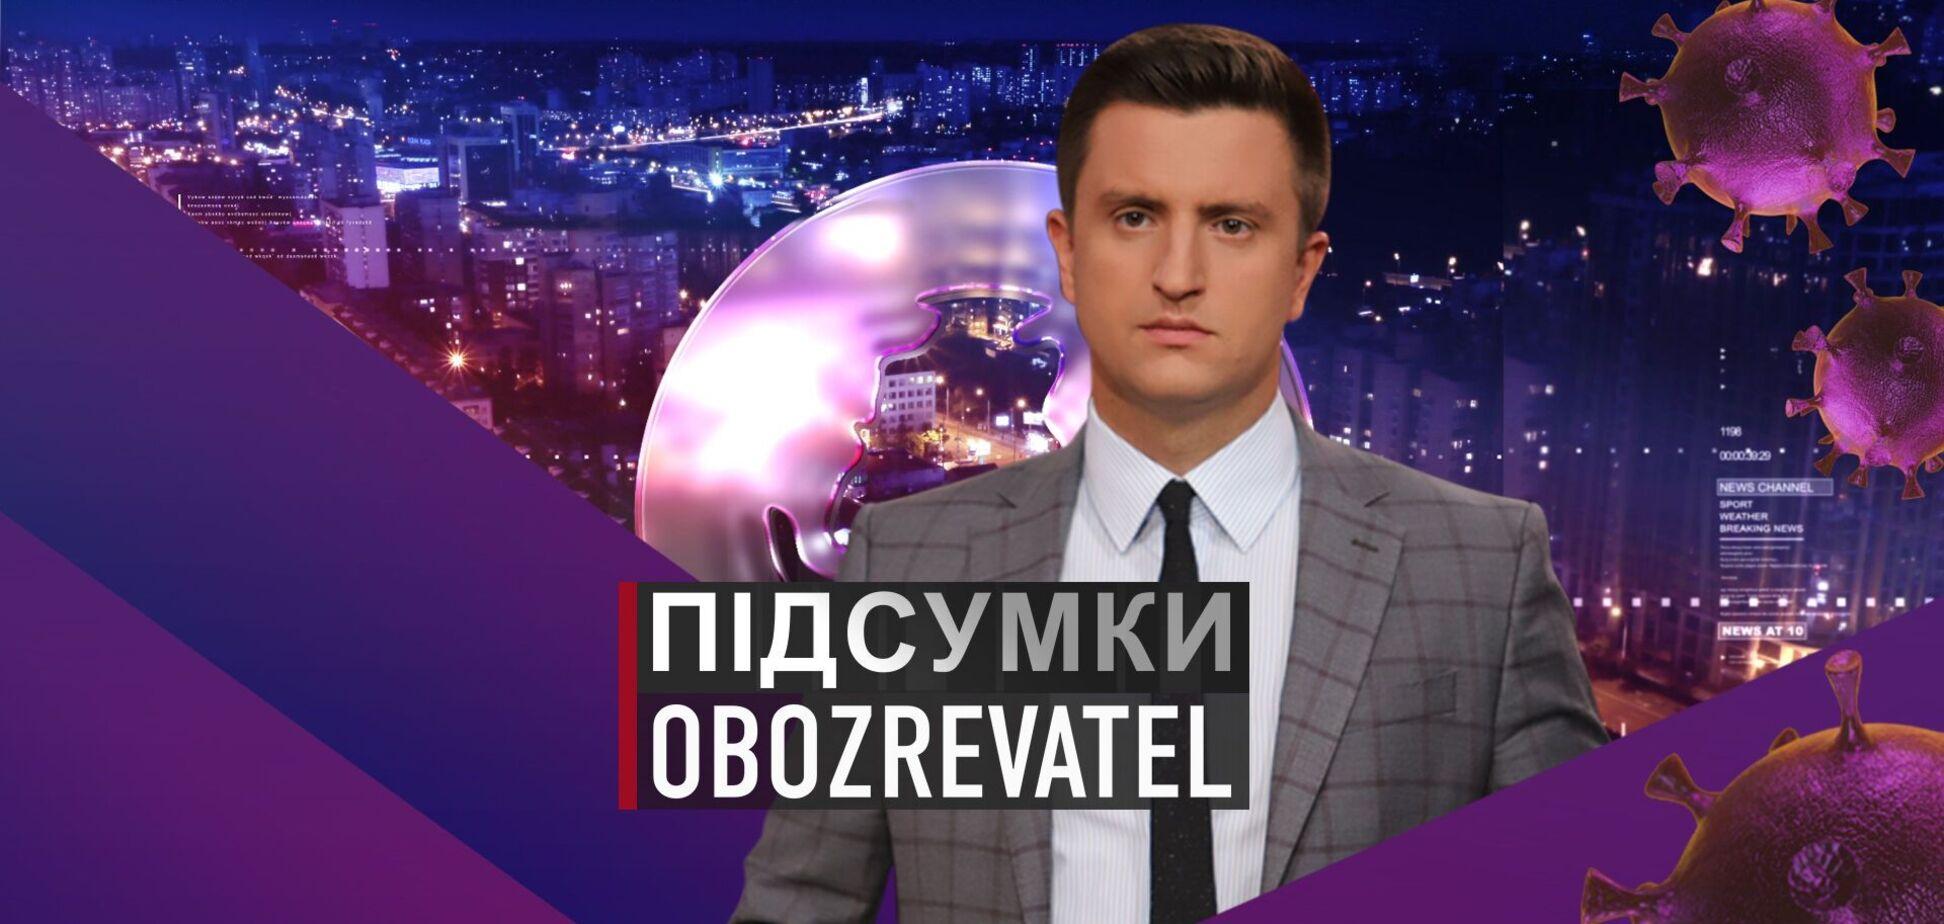 Підсумки з Вадимом Колодійчуком. Понеділок, 24 травня